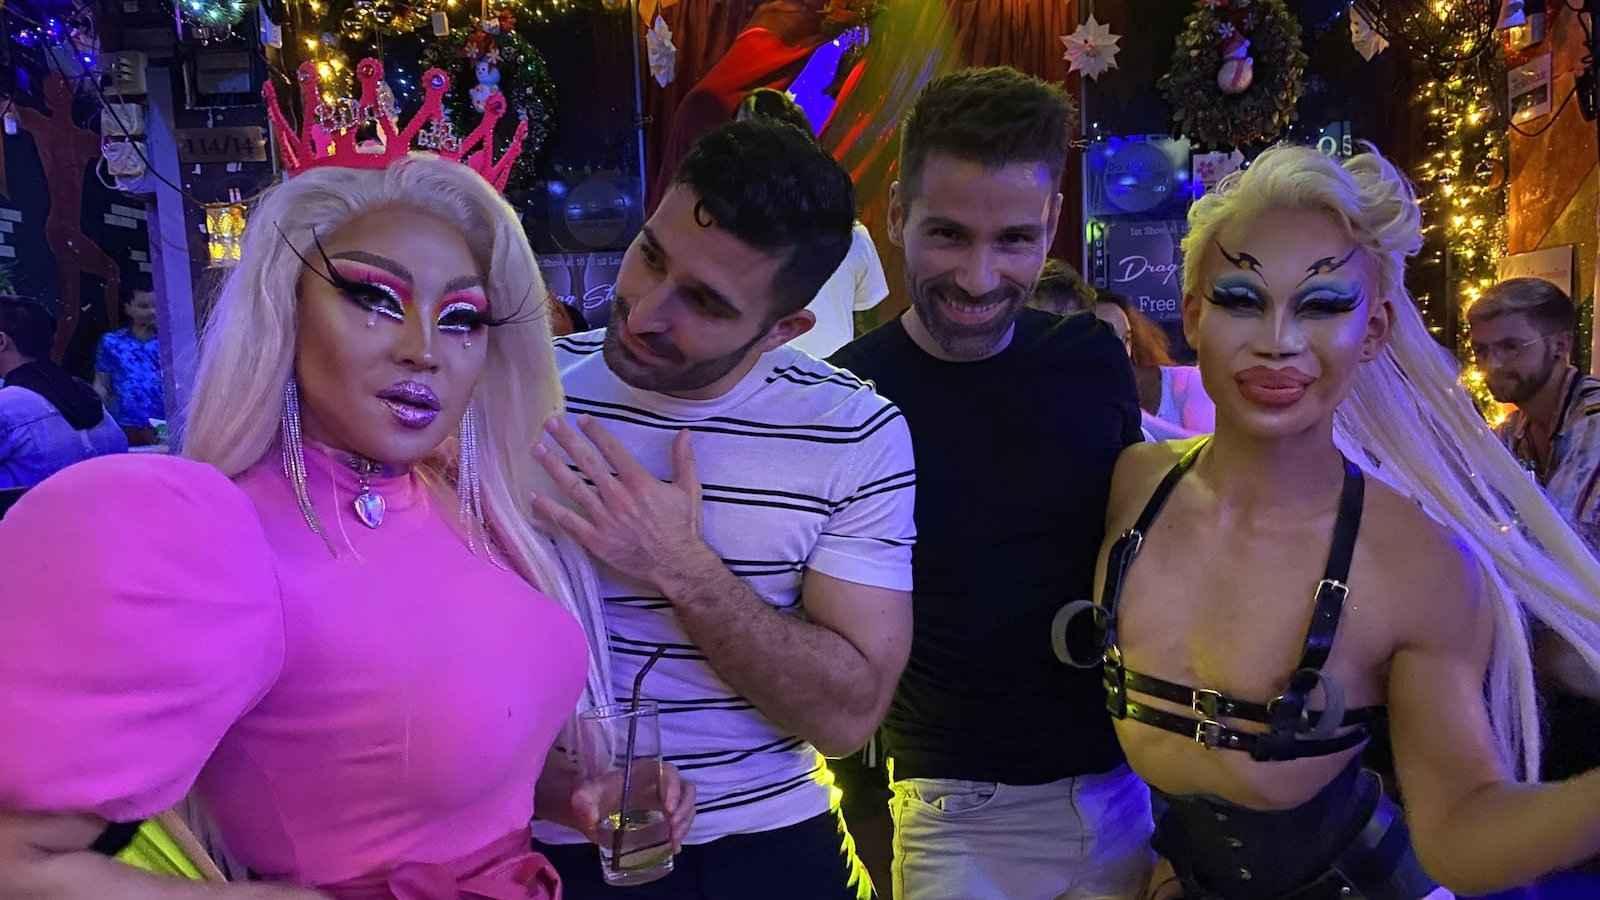 Vous pouvez rejoindre une visite gay de la vie nocturne de Bangkok qui vous emmènera dans les meilleures boîtes de nuit où vous pourrez faire la fête comme un local avec les reines les plus féroces